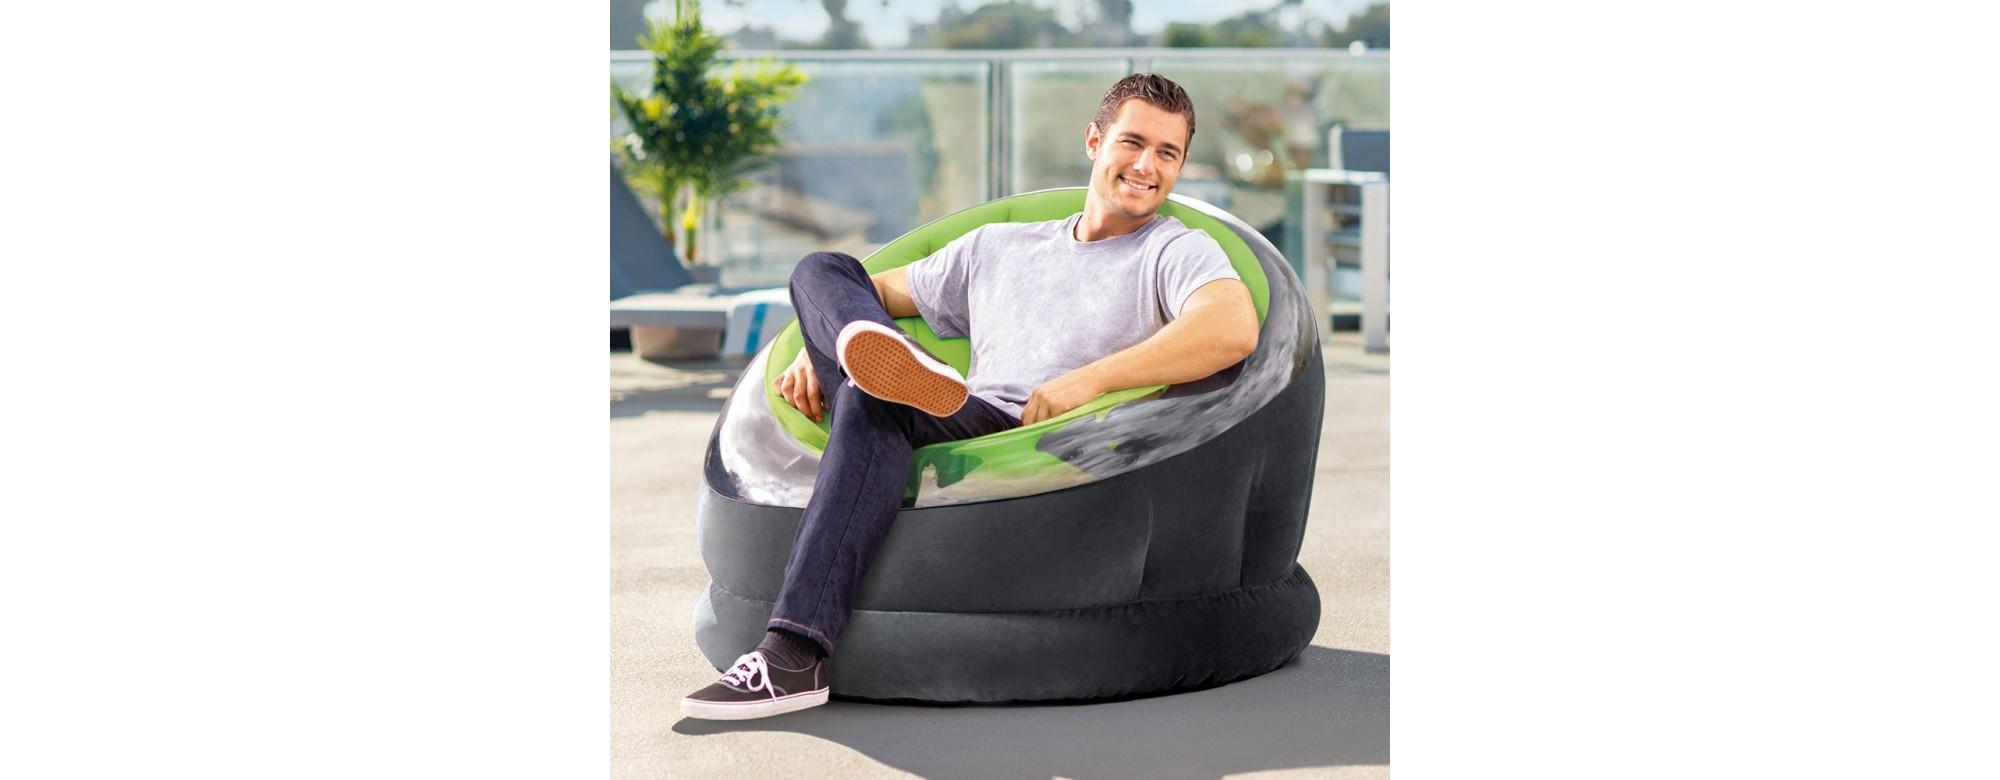 Les fauteuils gonflables Intex se plieront à toutes vos envies